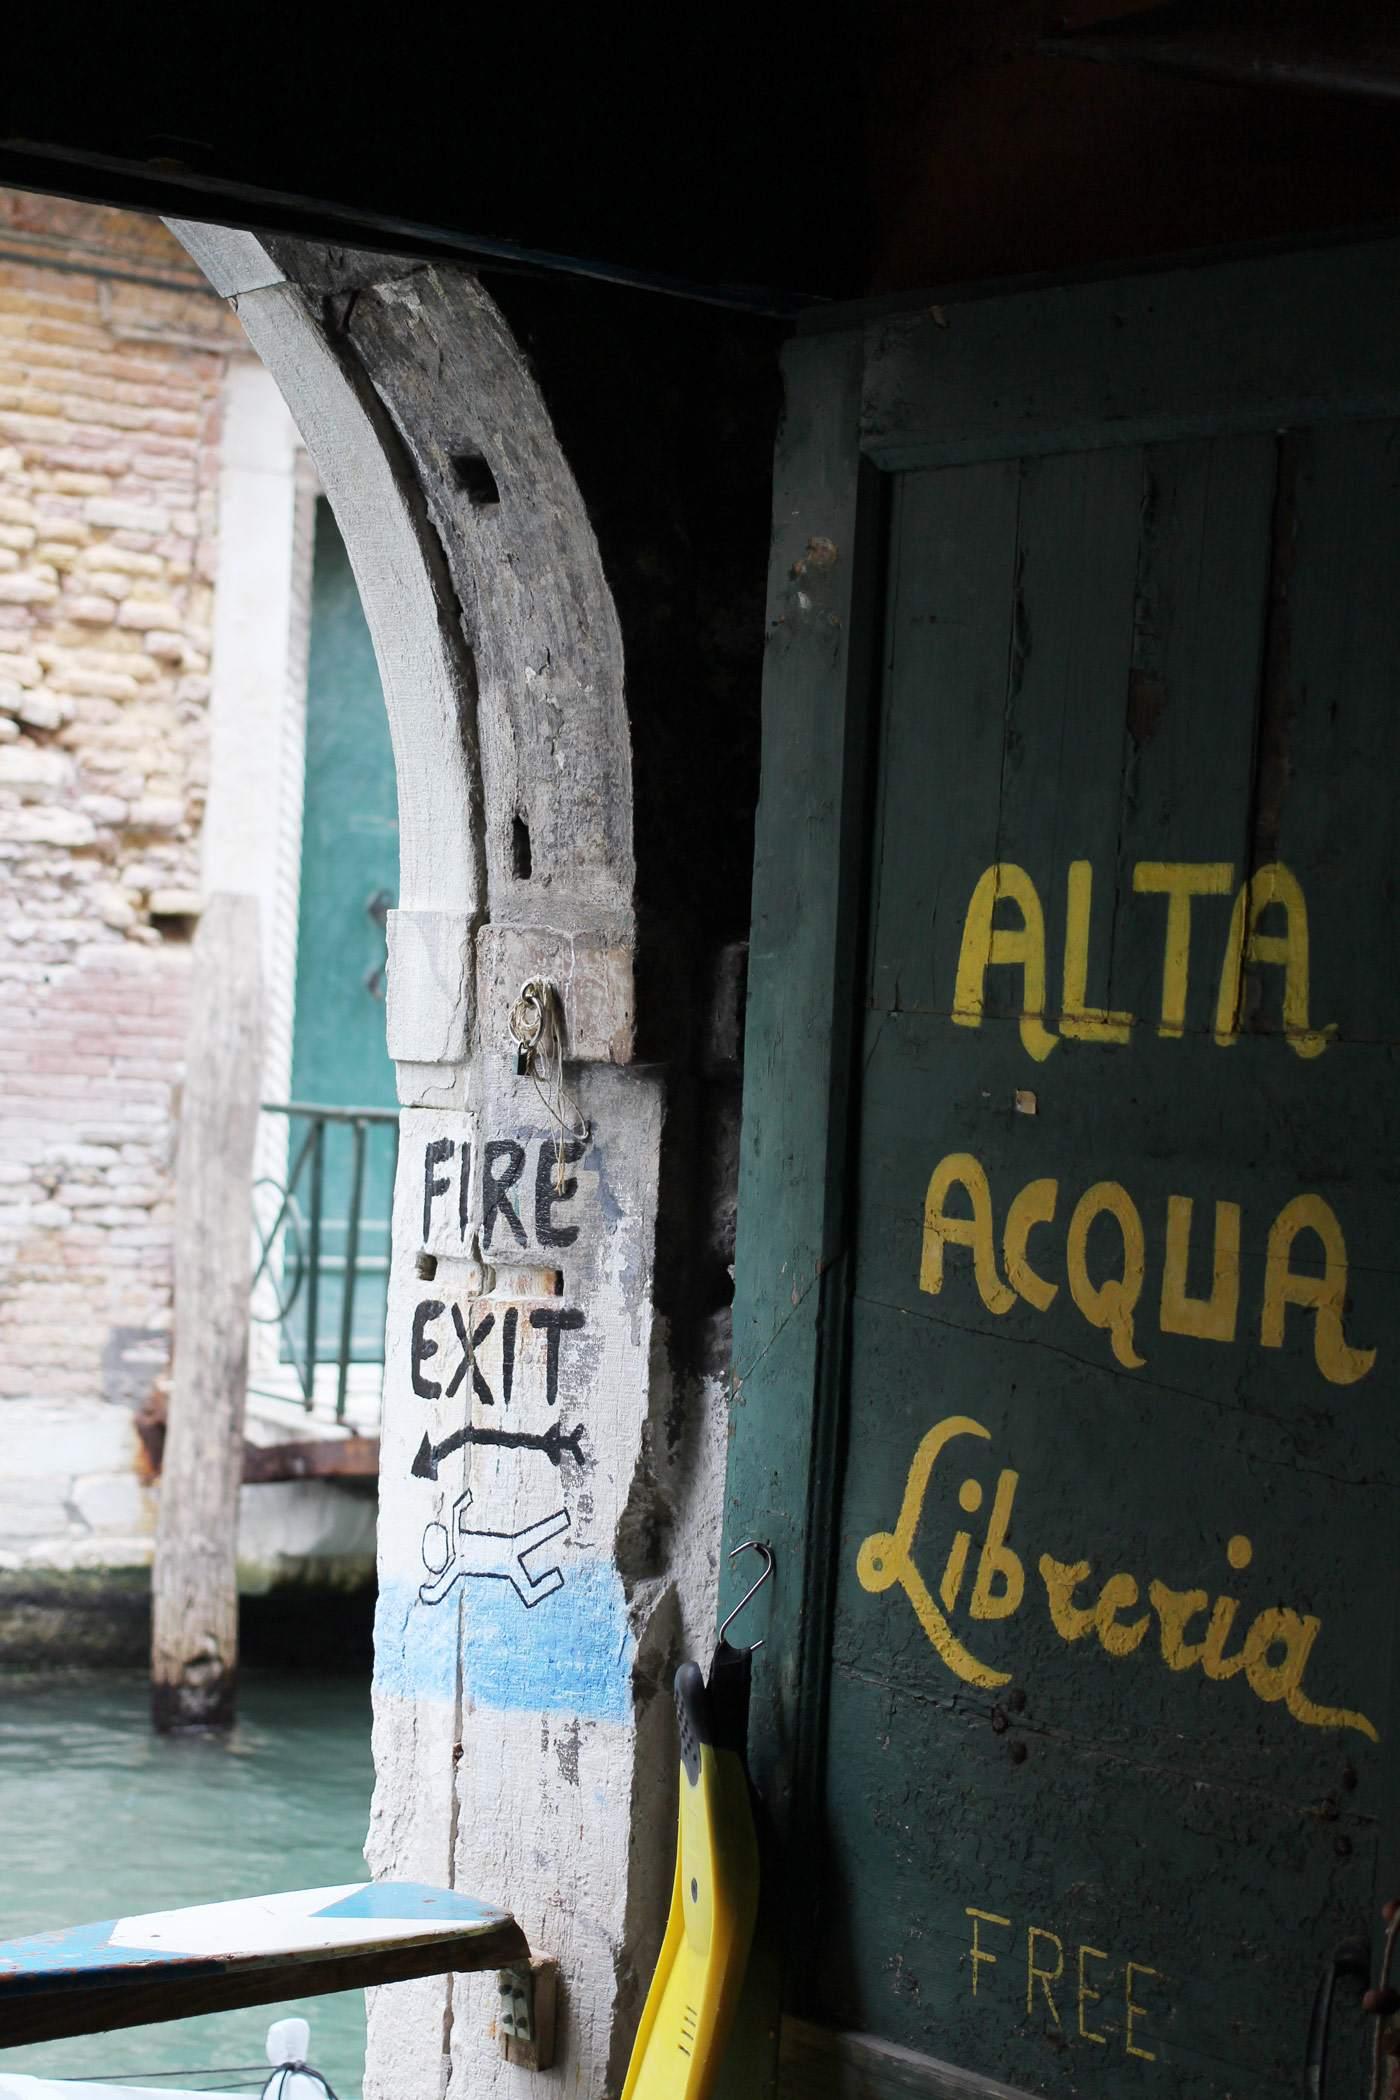 venice-italy-canal-photography-travel-blogger-san-marco-alta-acqua-libreria